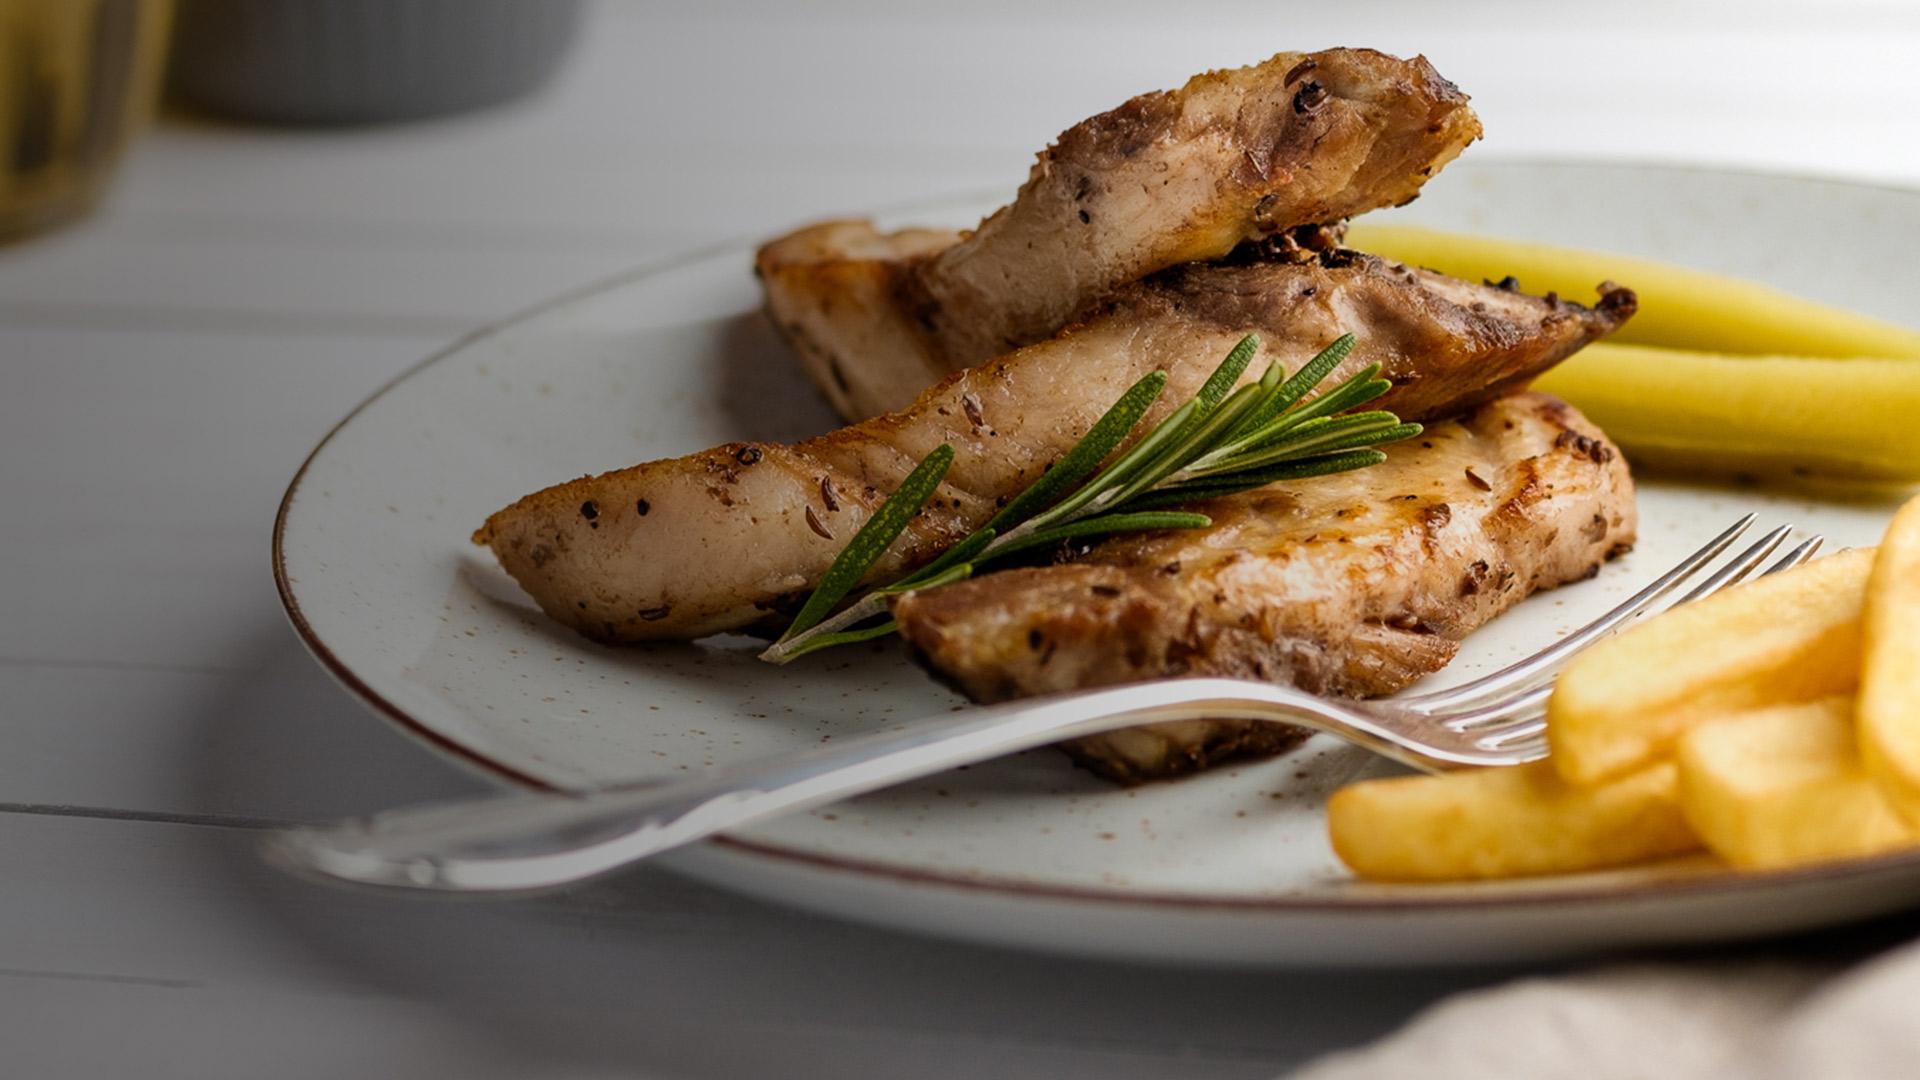 Grillowana pierś z kurczaka z frytkami, zdobiona świeżym rozmarynem.